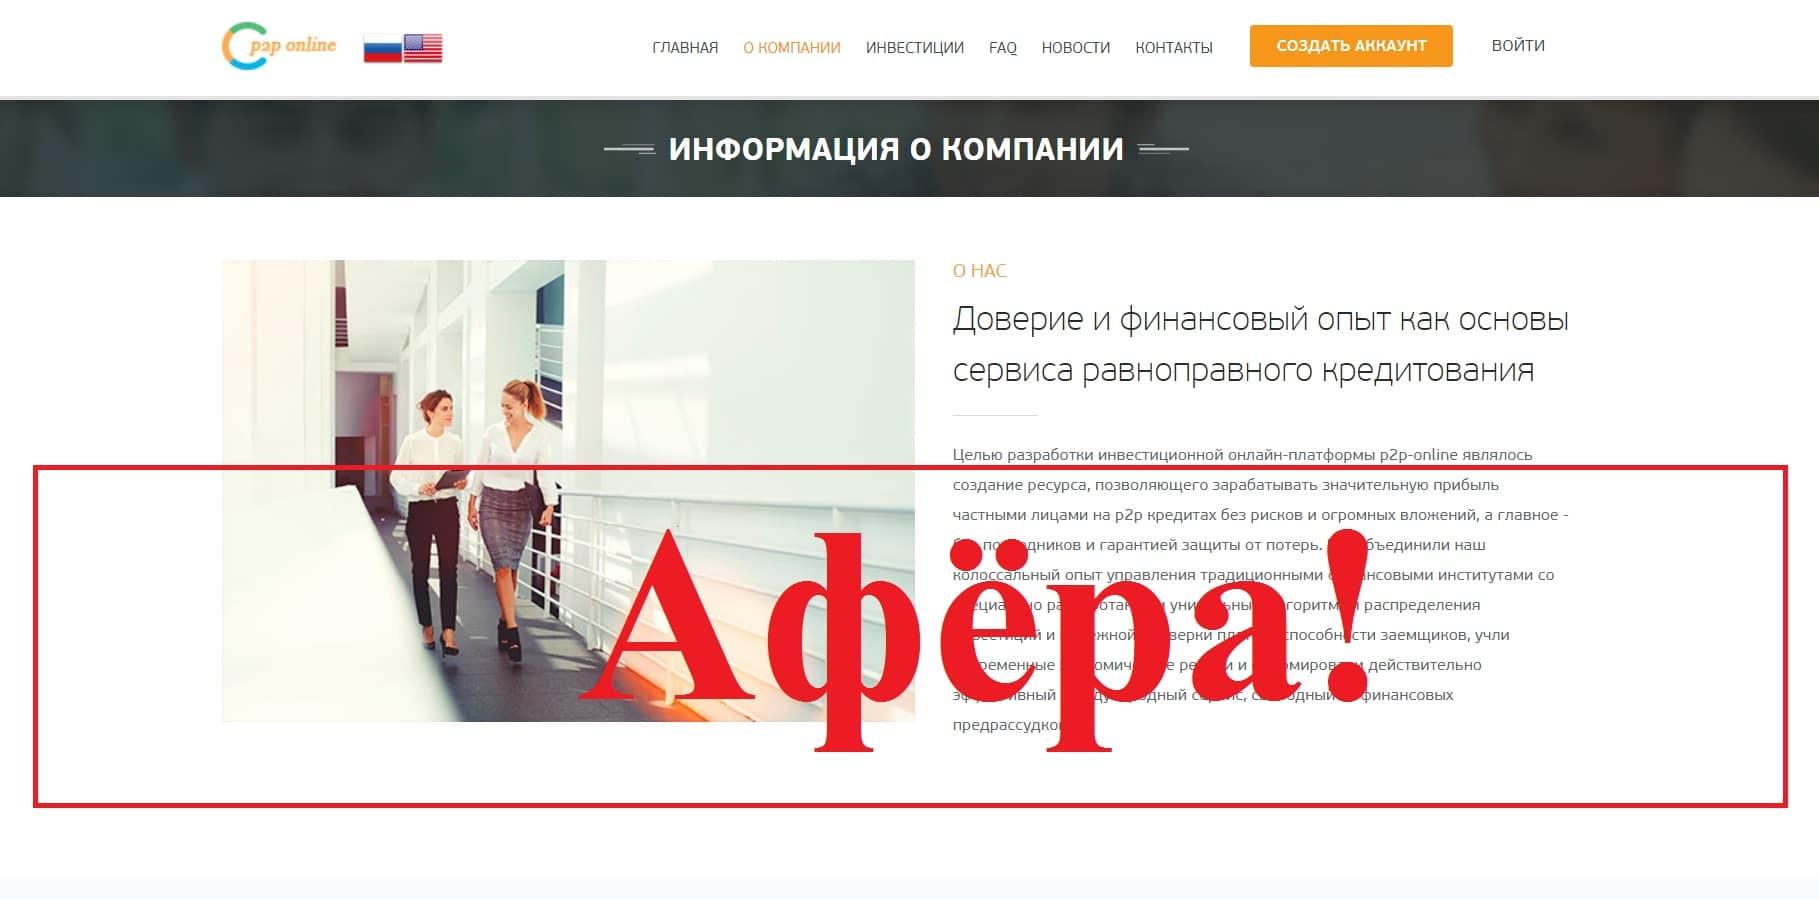 P2P.online – отзывы о Р2Р кредитовании